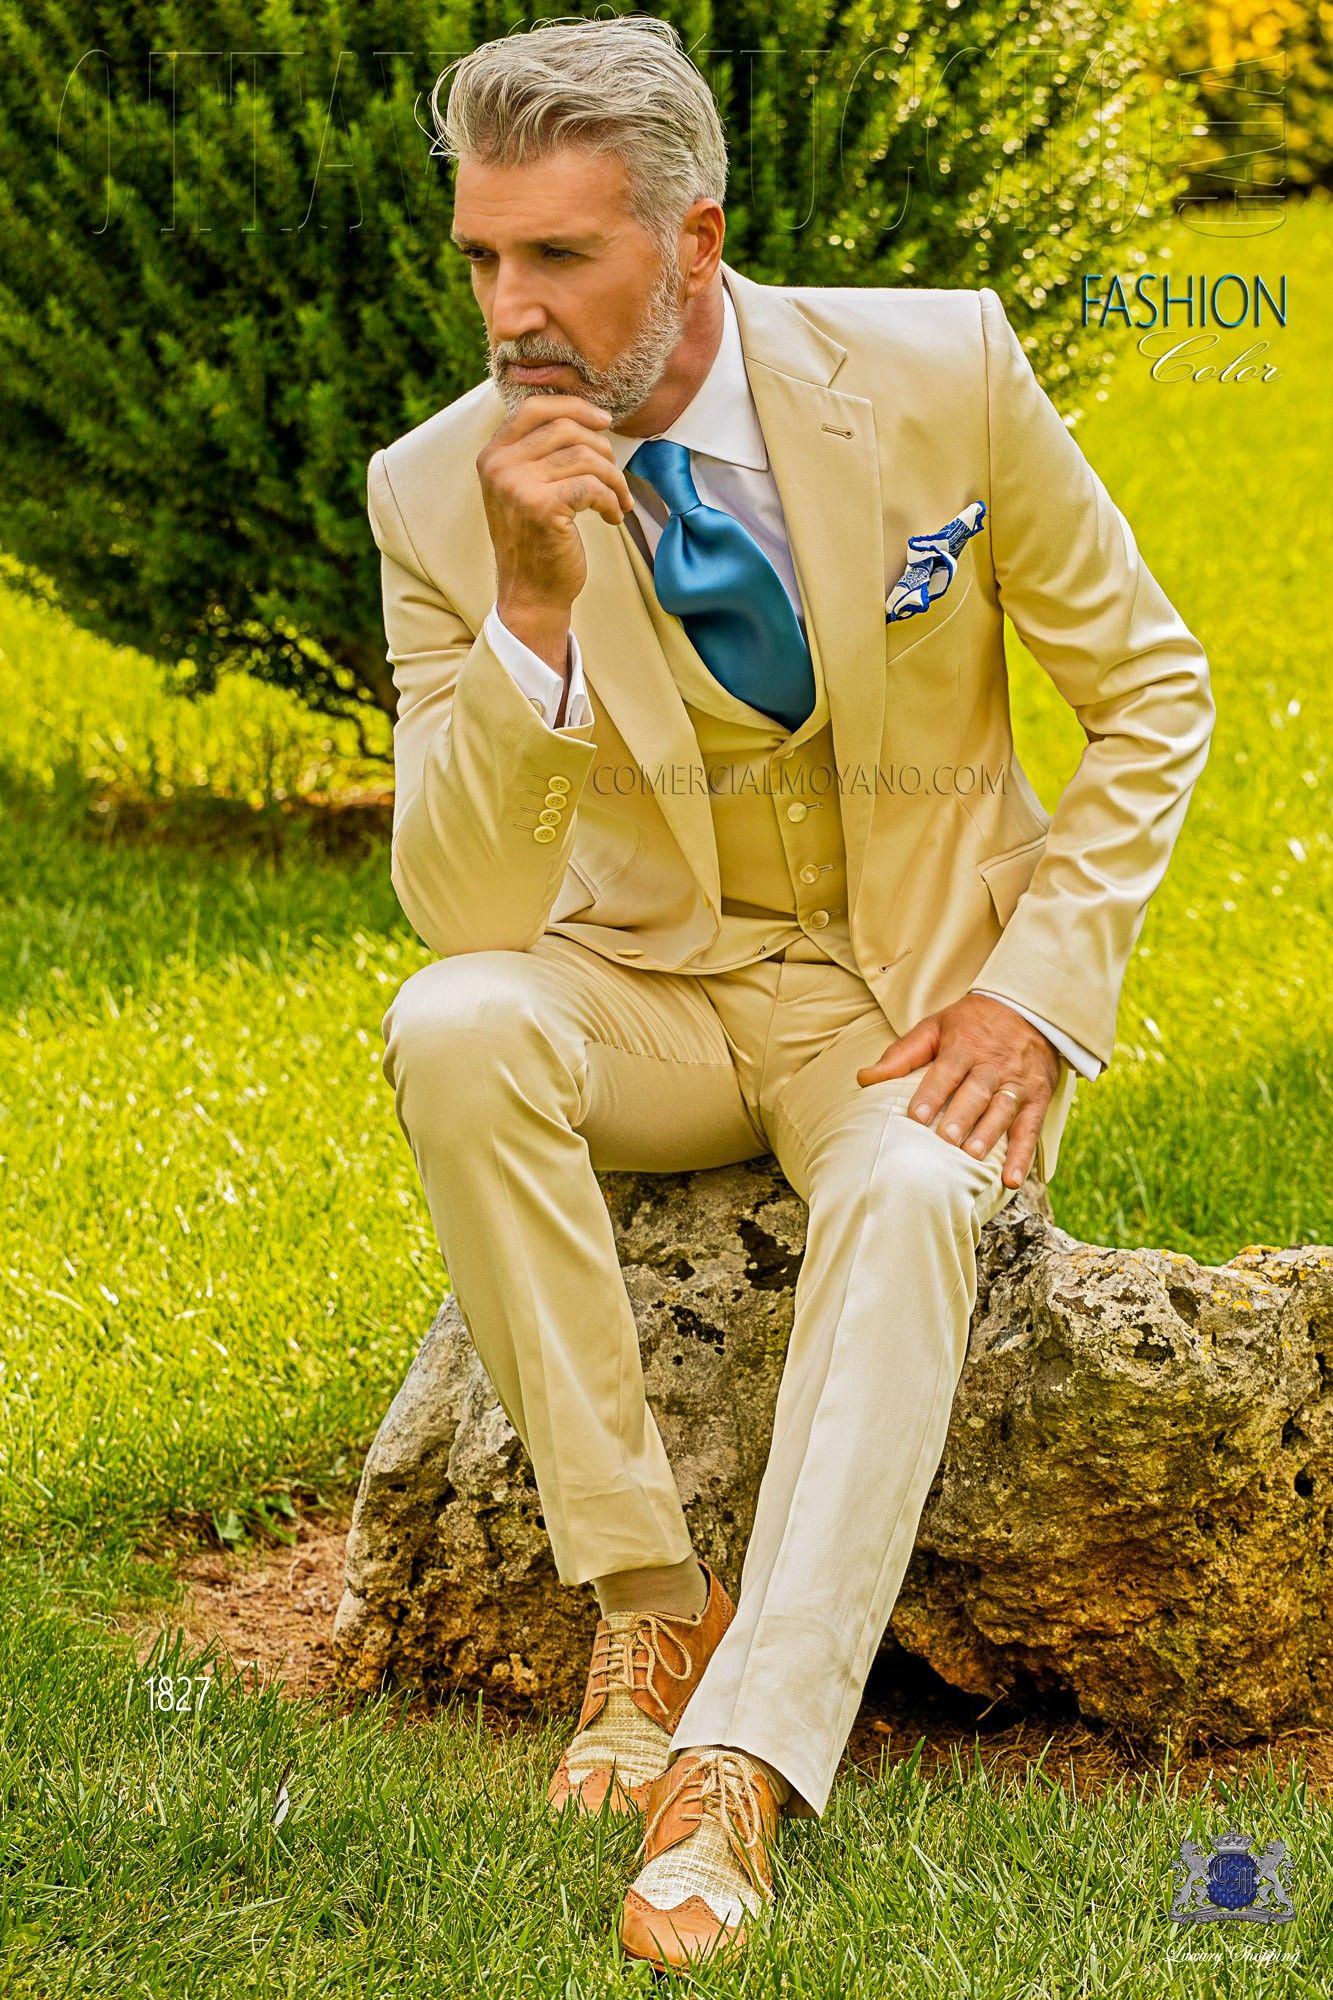 italienisch beige satinierte baumwolle anzug pinterest anz ge italienisch und baumwolle. Black Bedroom Furniture Sets. Home Design Ideas